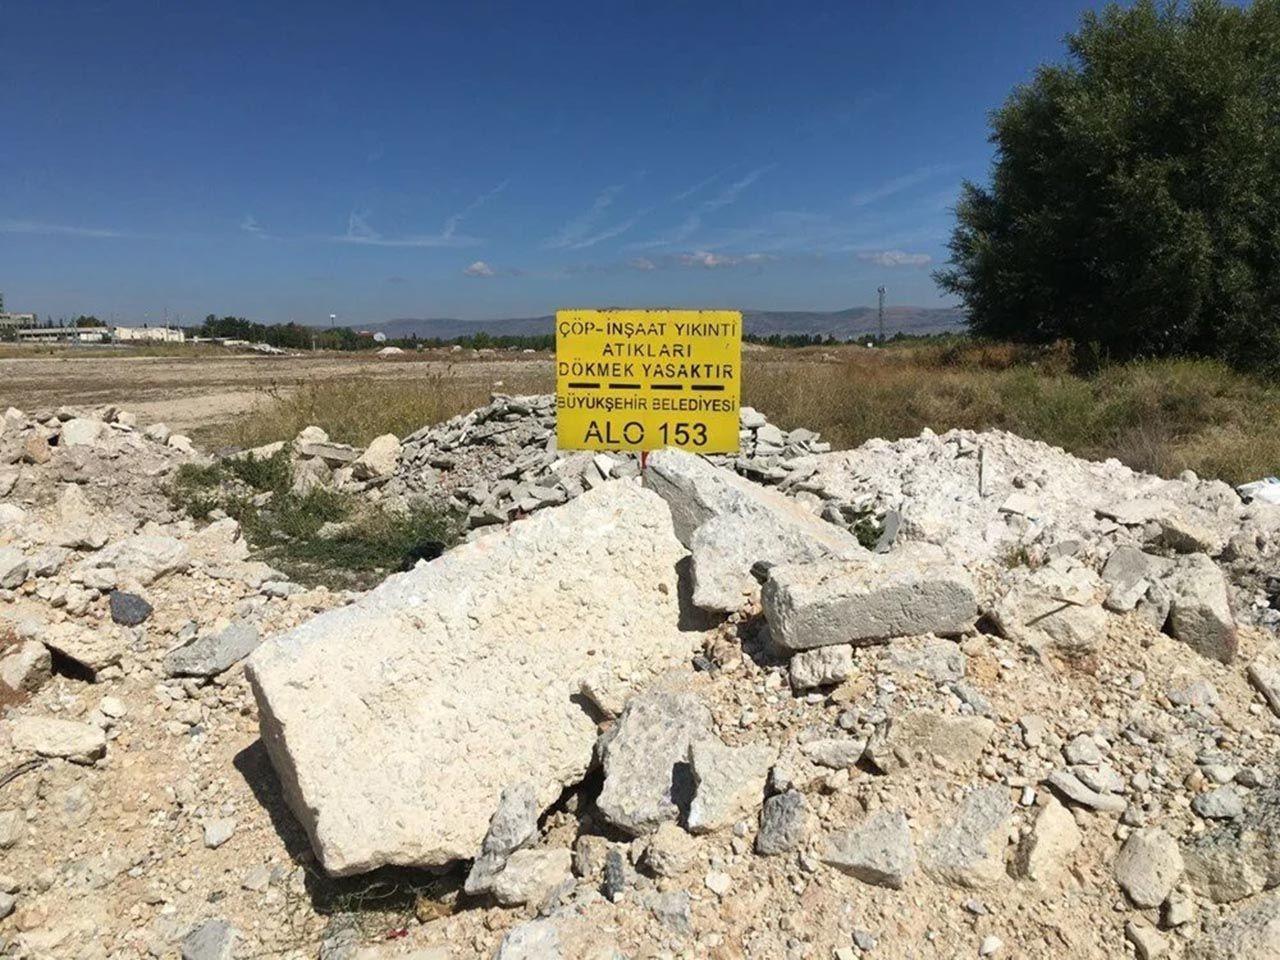 Eskişehir'de tepki çeken görüntü - Resim: 1